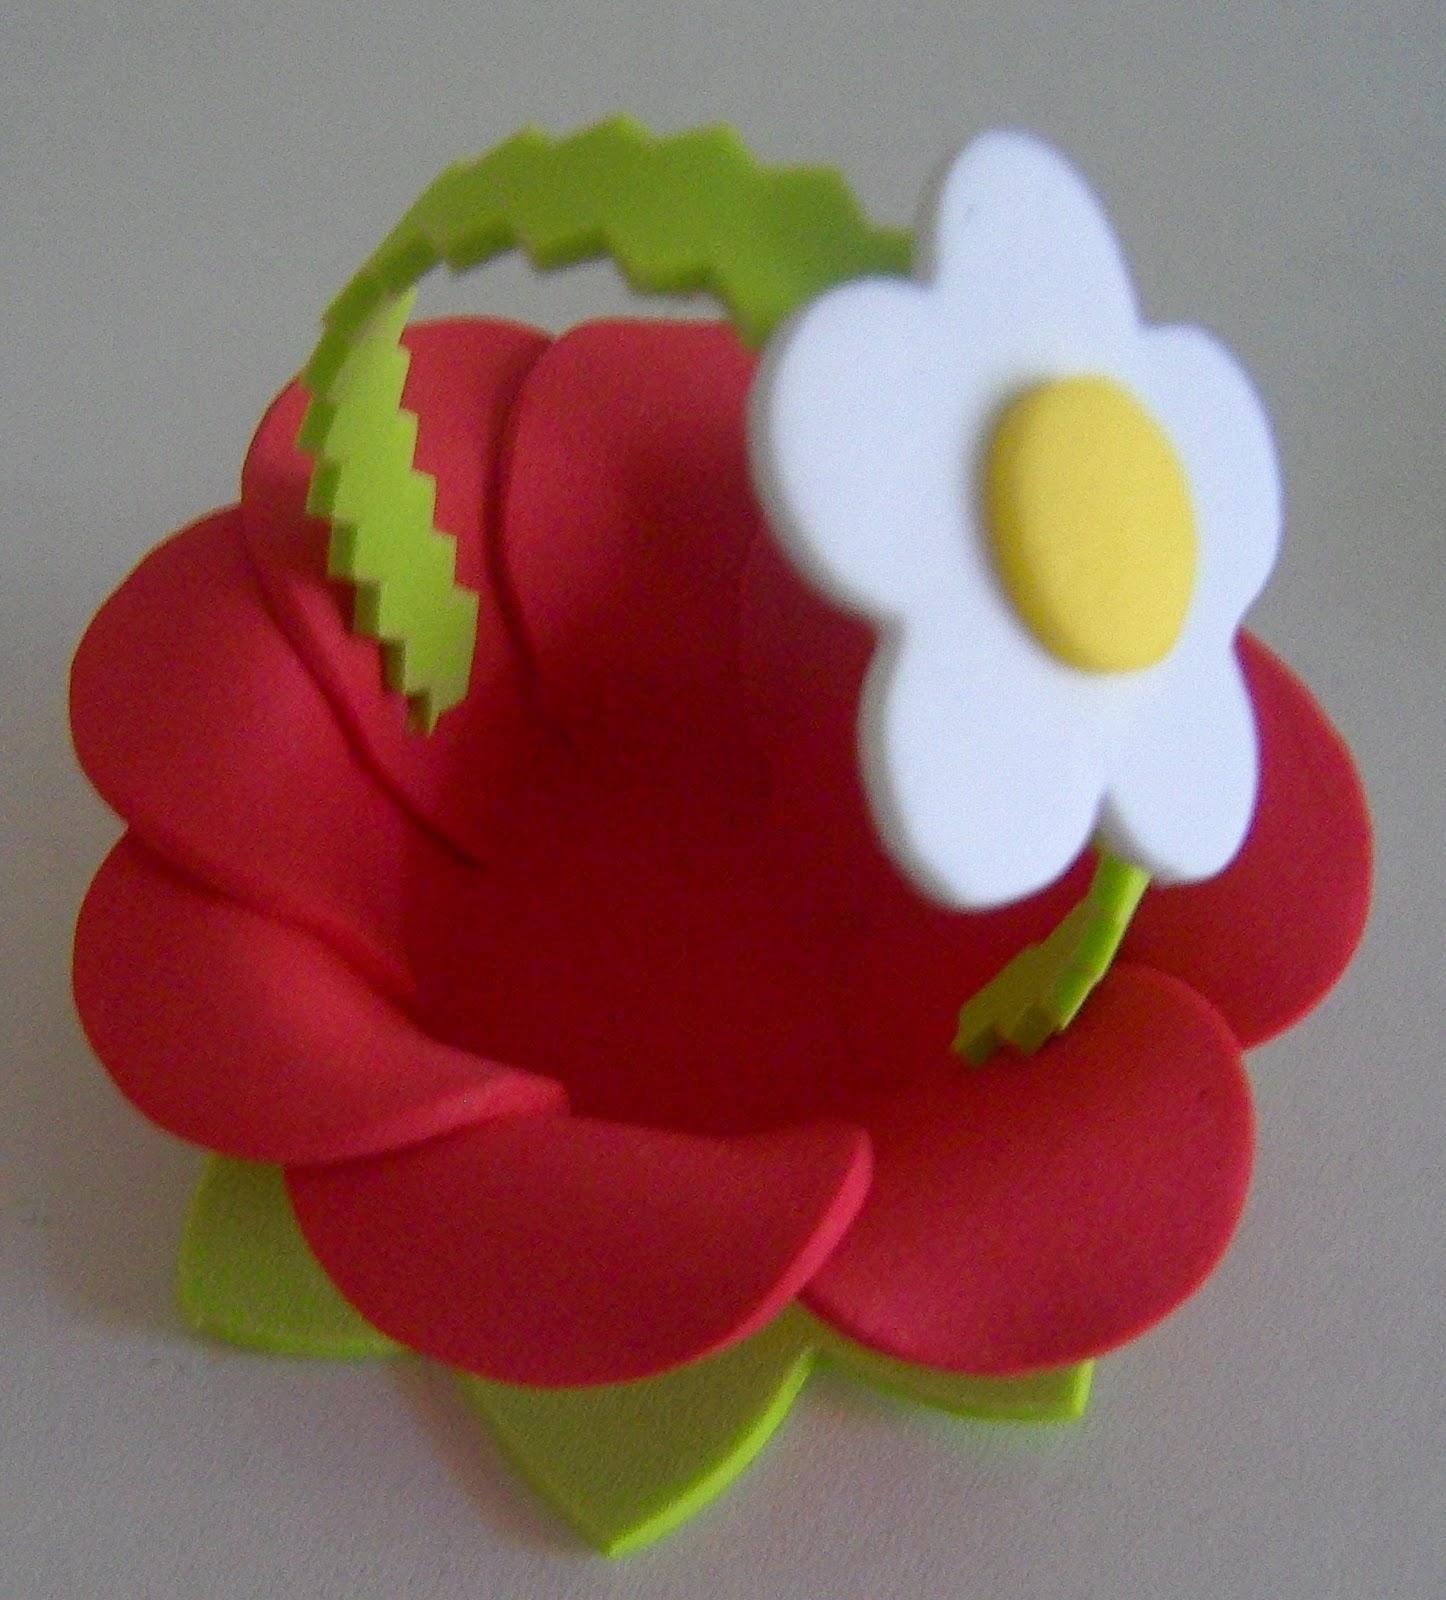 Em Formato De Flor Que Serve  O Embalagem De Bombom Ou Trufas